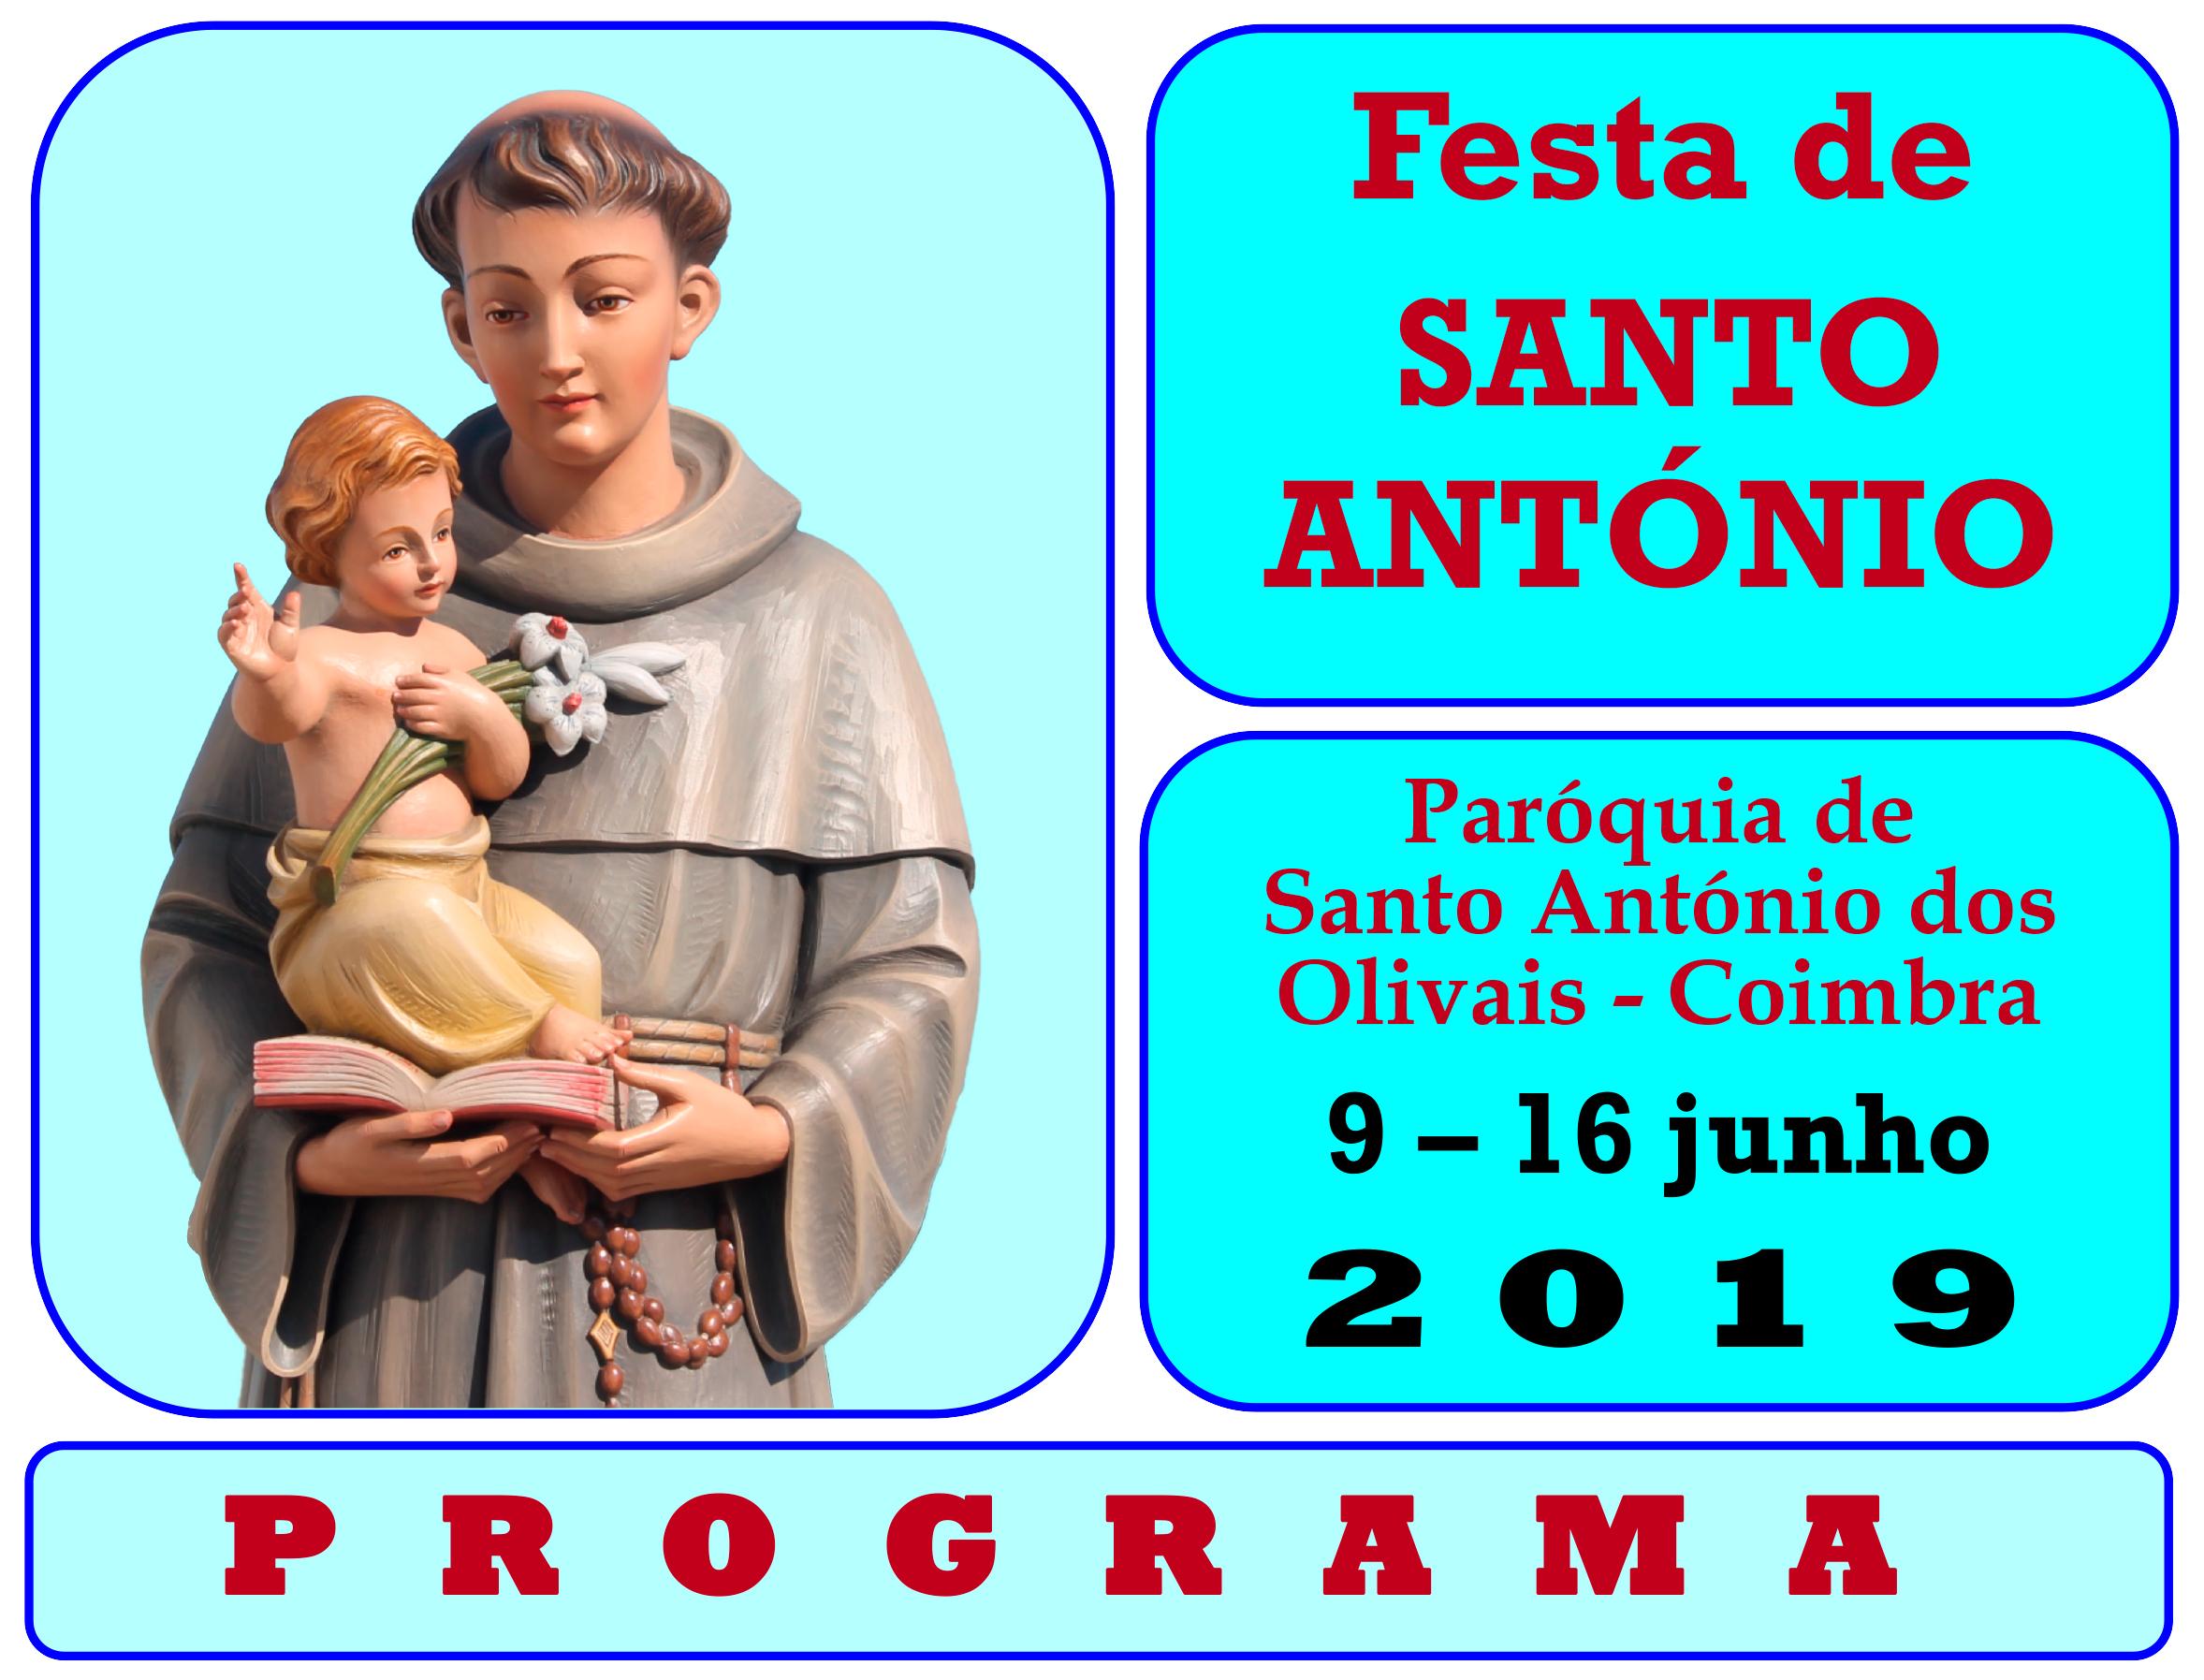 Festa de Santo António 2019